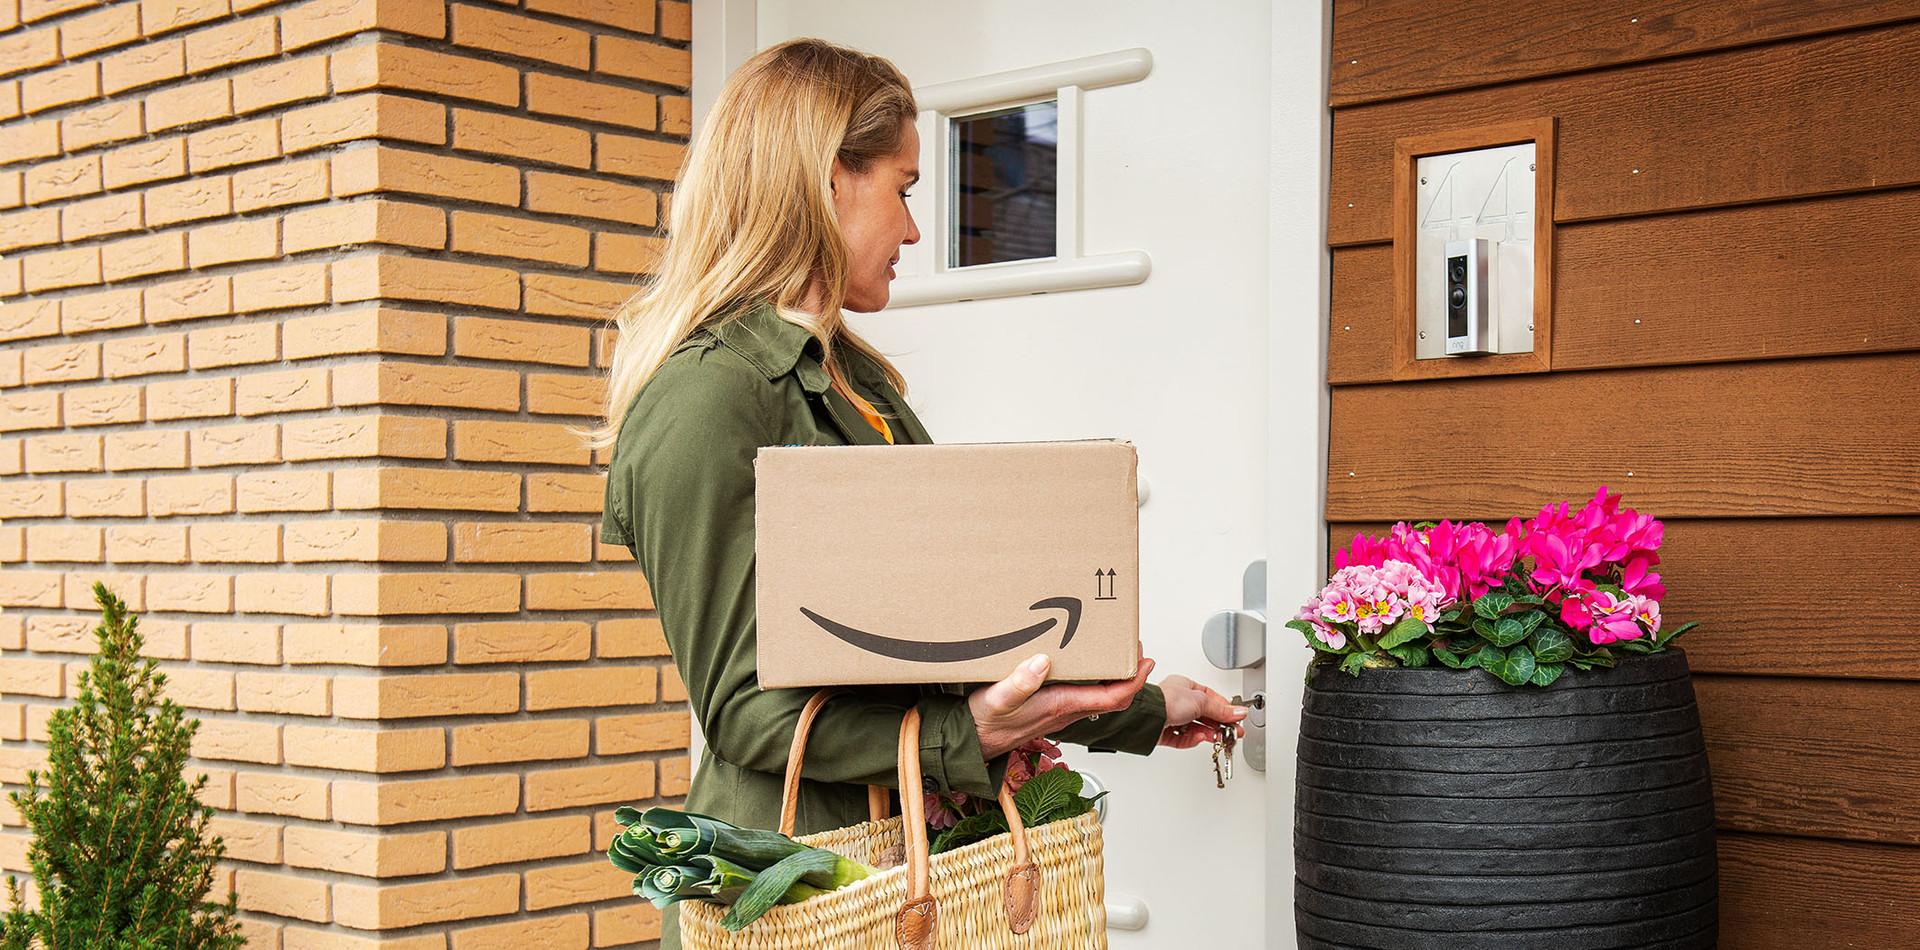 Amazon_NL_dsc_0525_LR.jpg